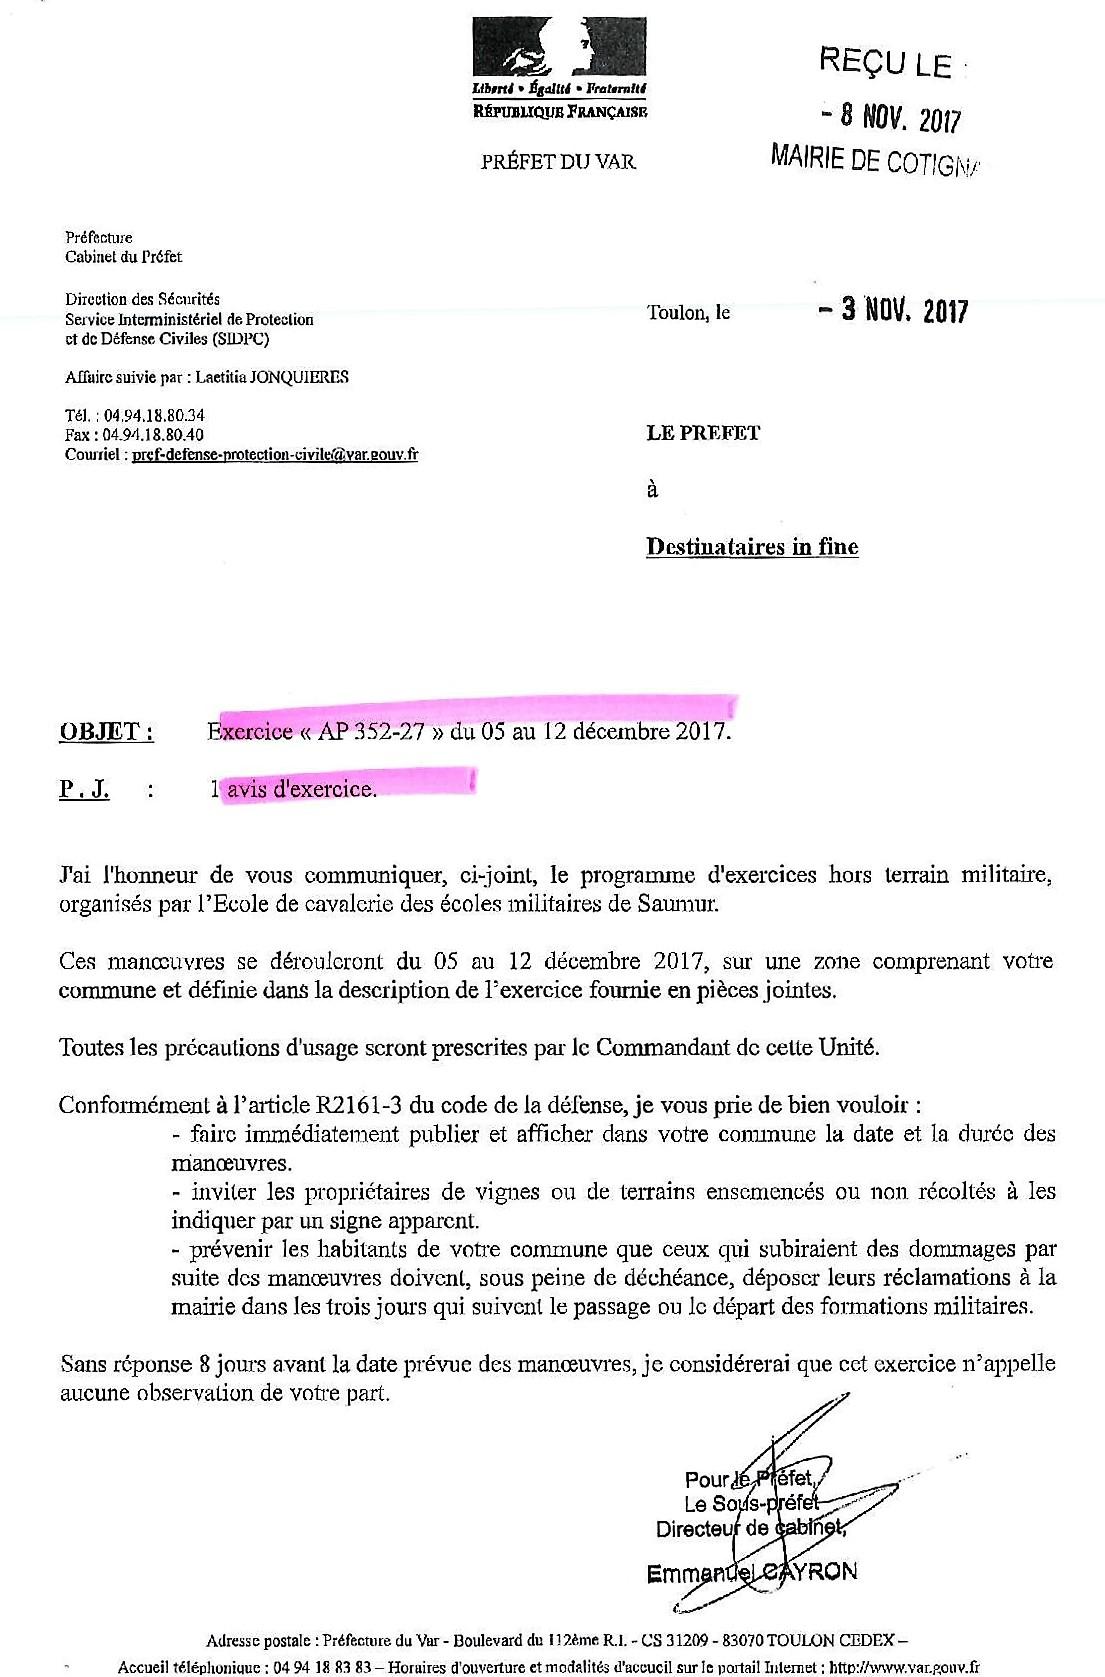 lettre militaire pour le site-page-001